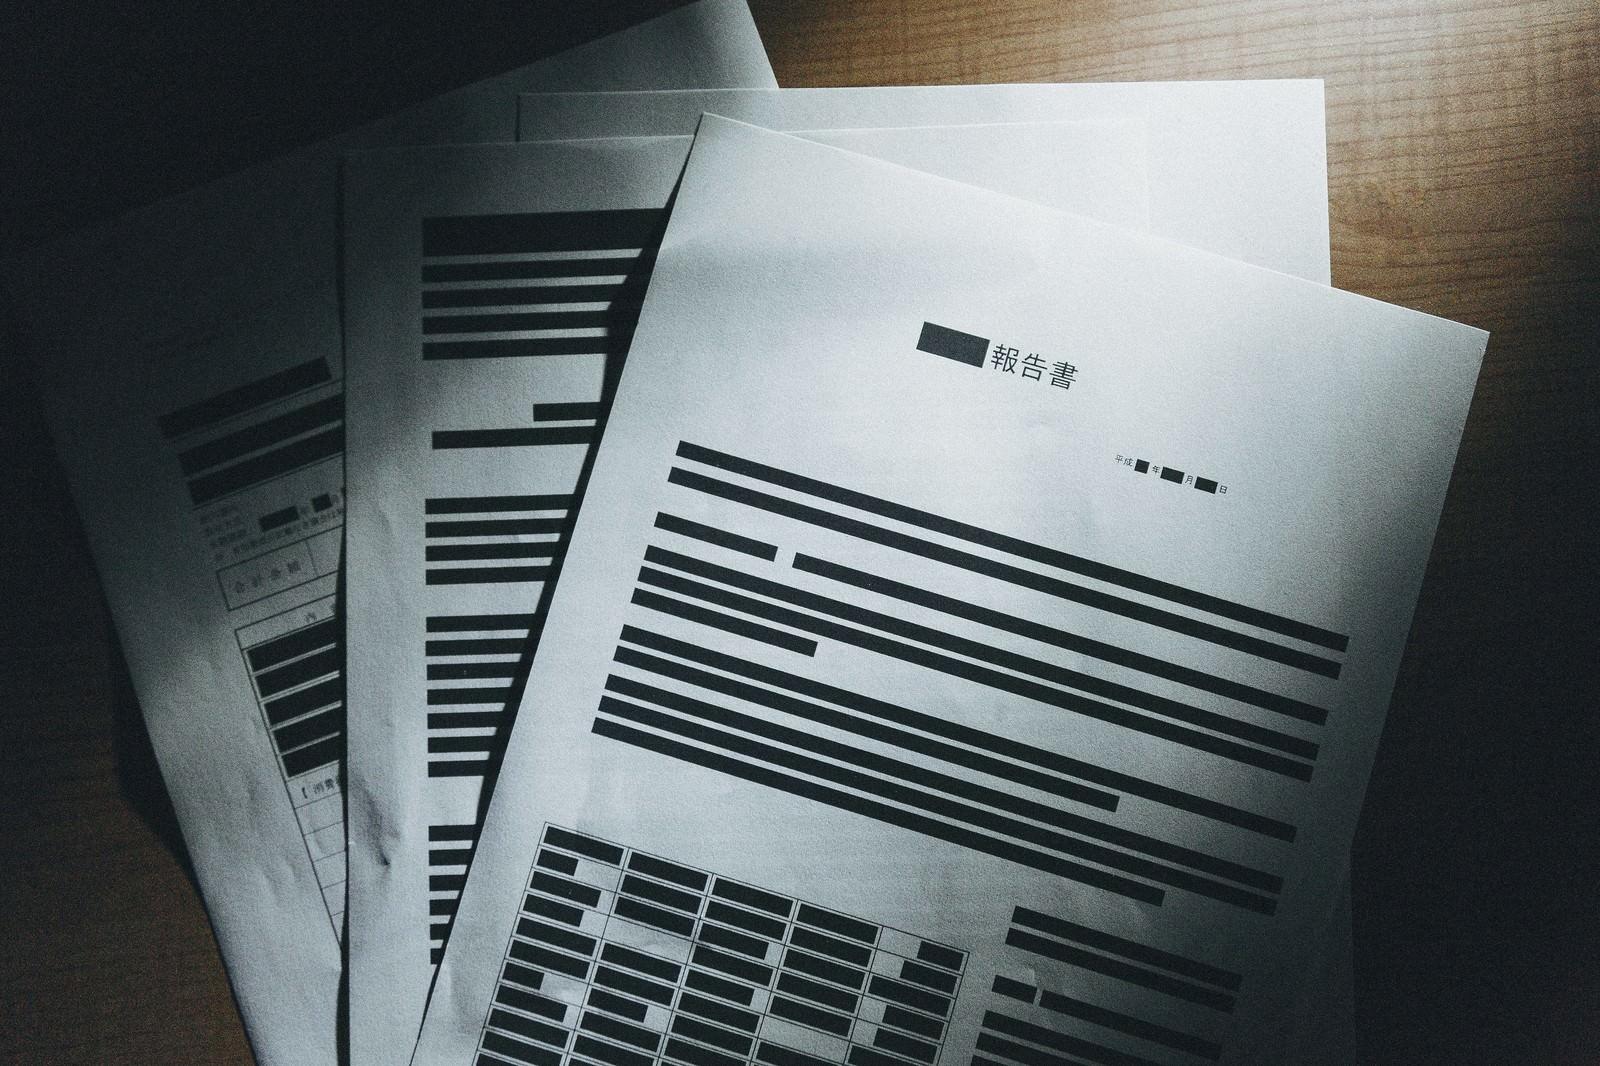 「黒塗りされ実際は掲載されるはずだった報告書」の写真